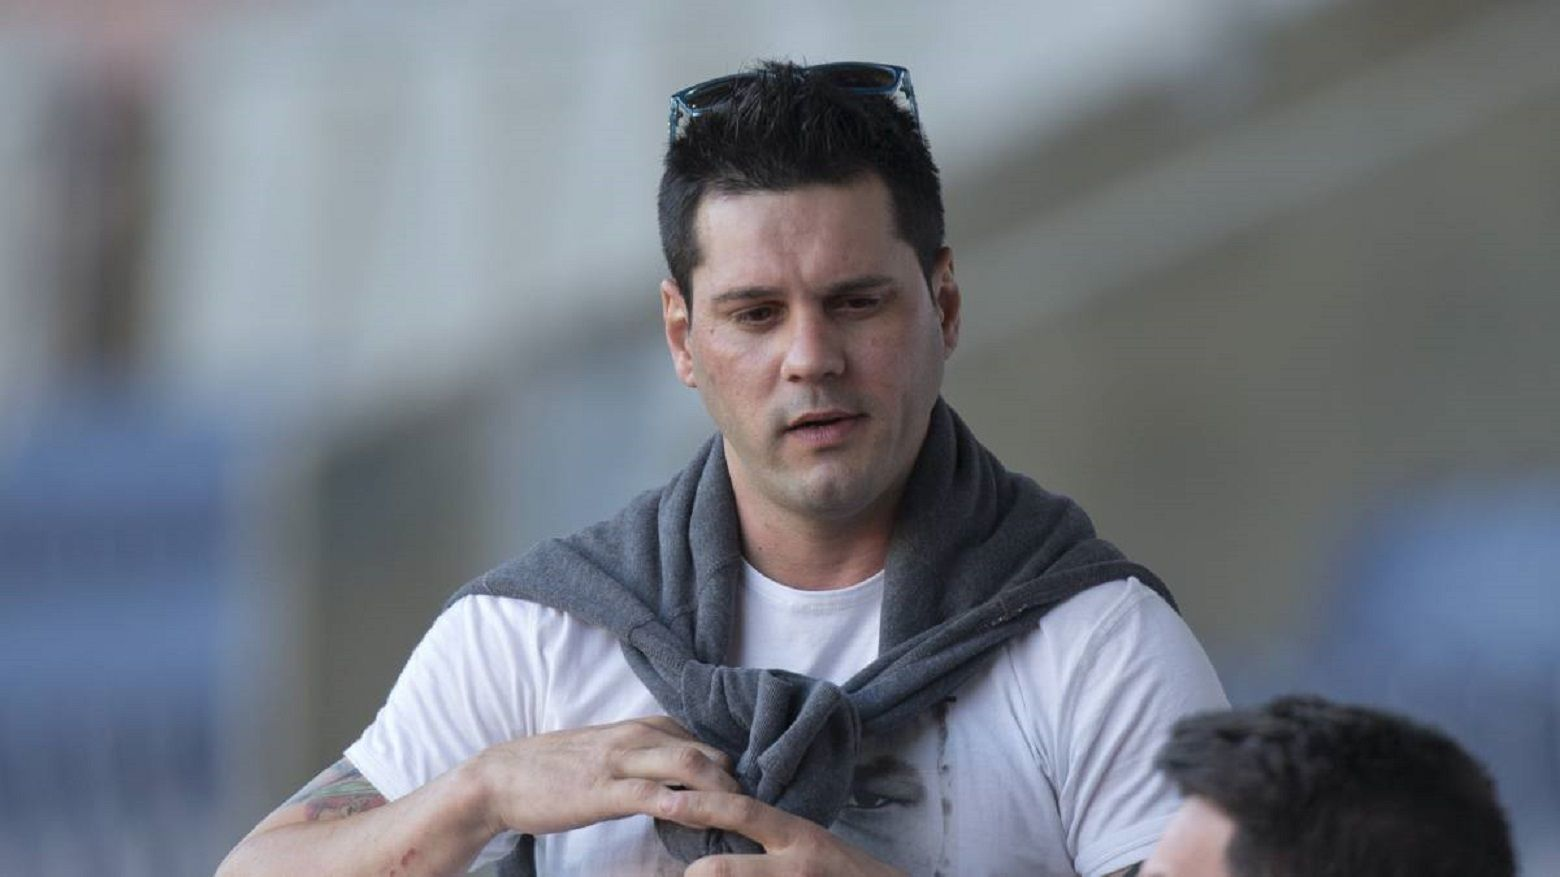 Me golpeó de atrás y sacó el arma: la declaración del joven que denuncia al hermano de Messi